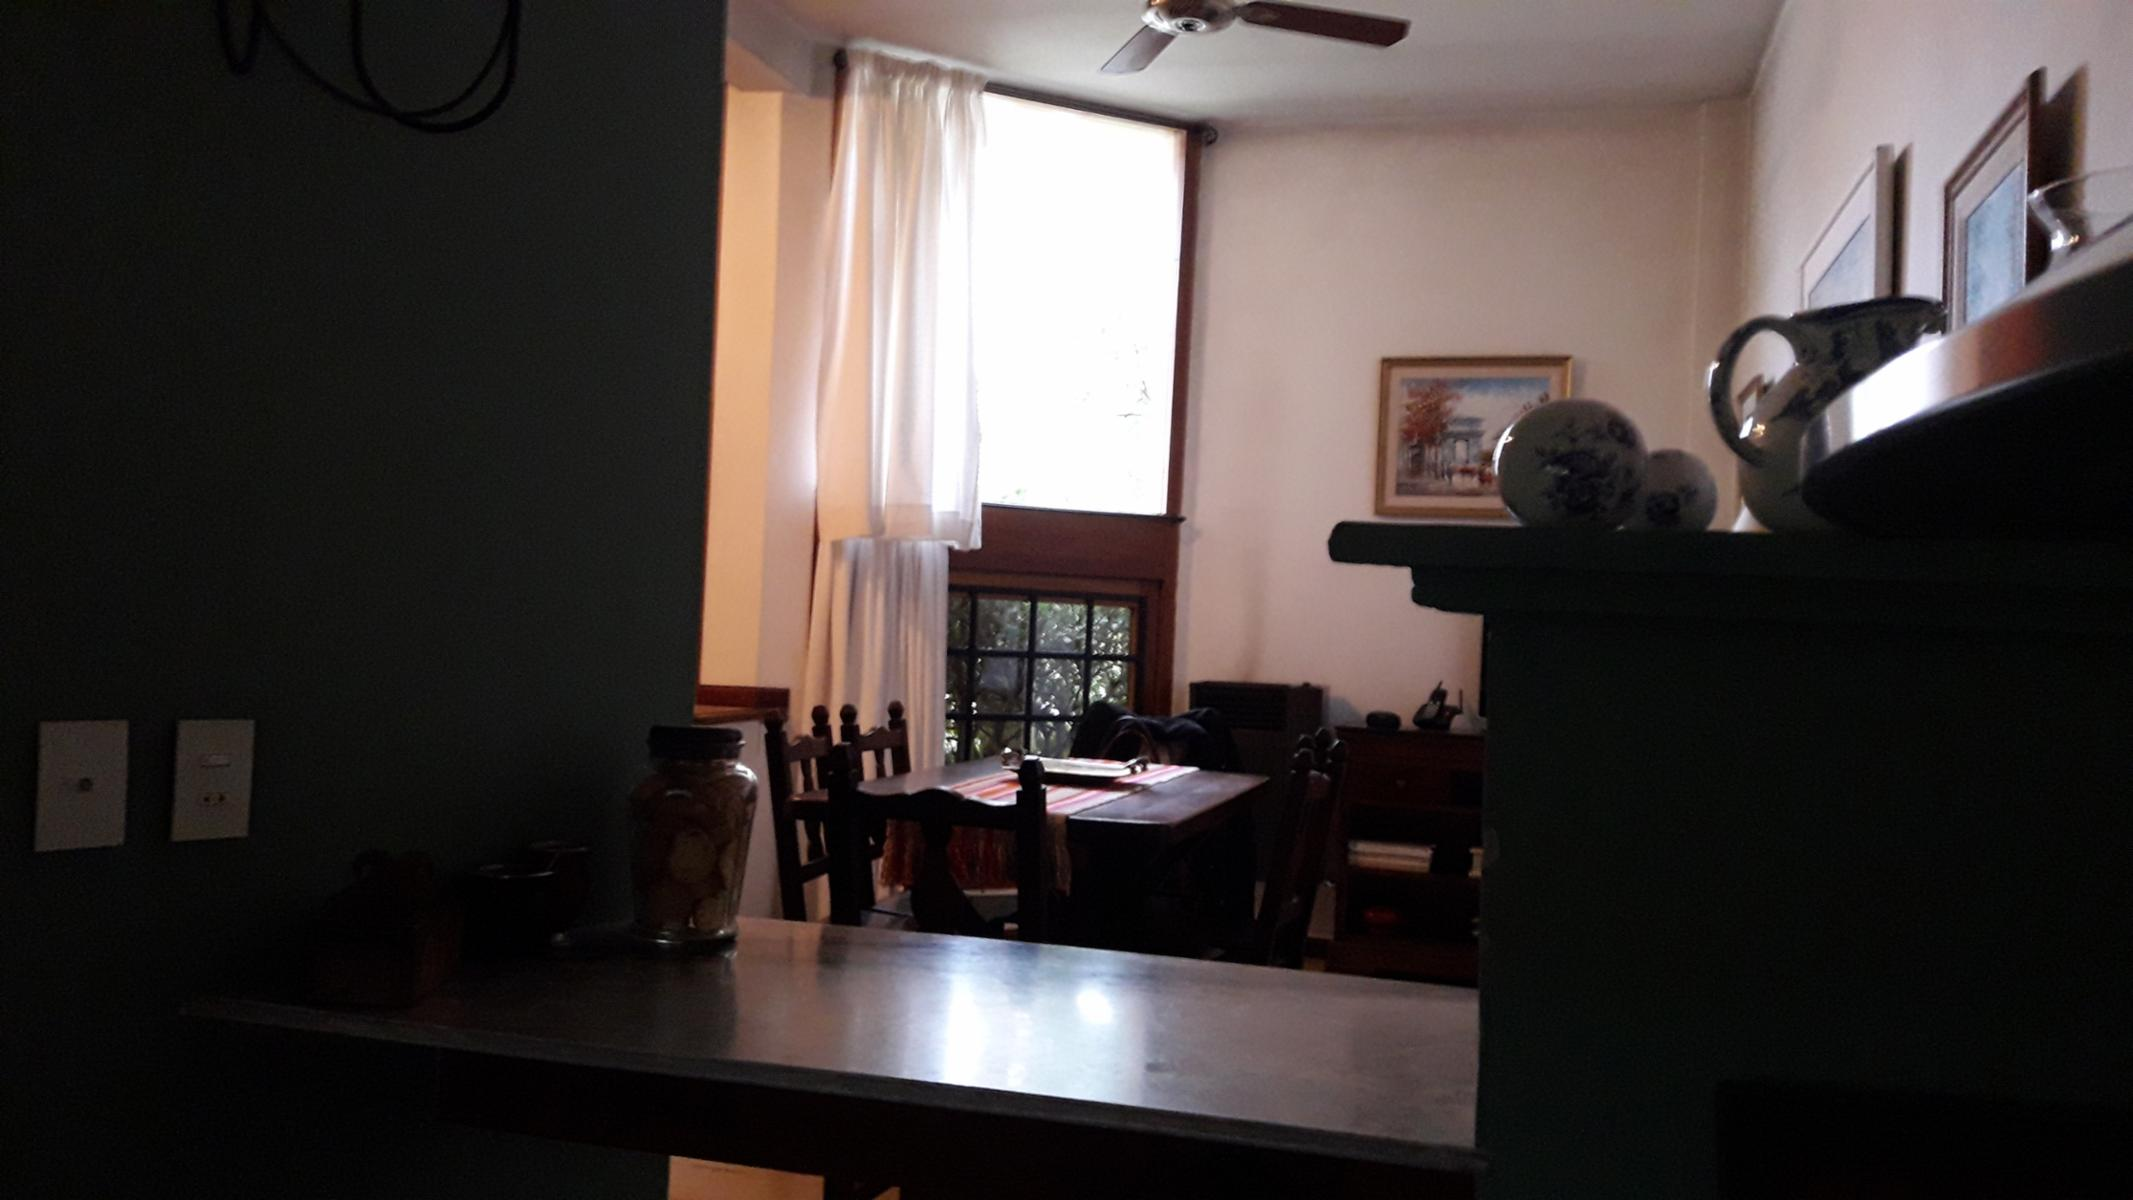 CASA 3 DORMITORIOS VILLA ELVINA, Guillermo Sanchez Desarrollos Inmobiliarios